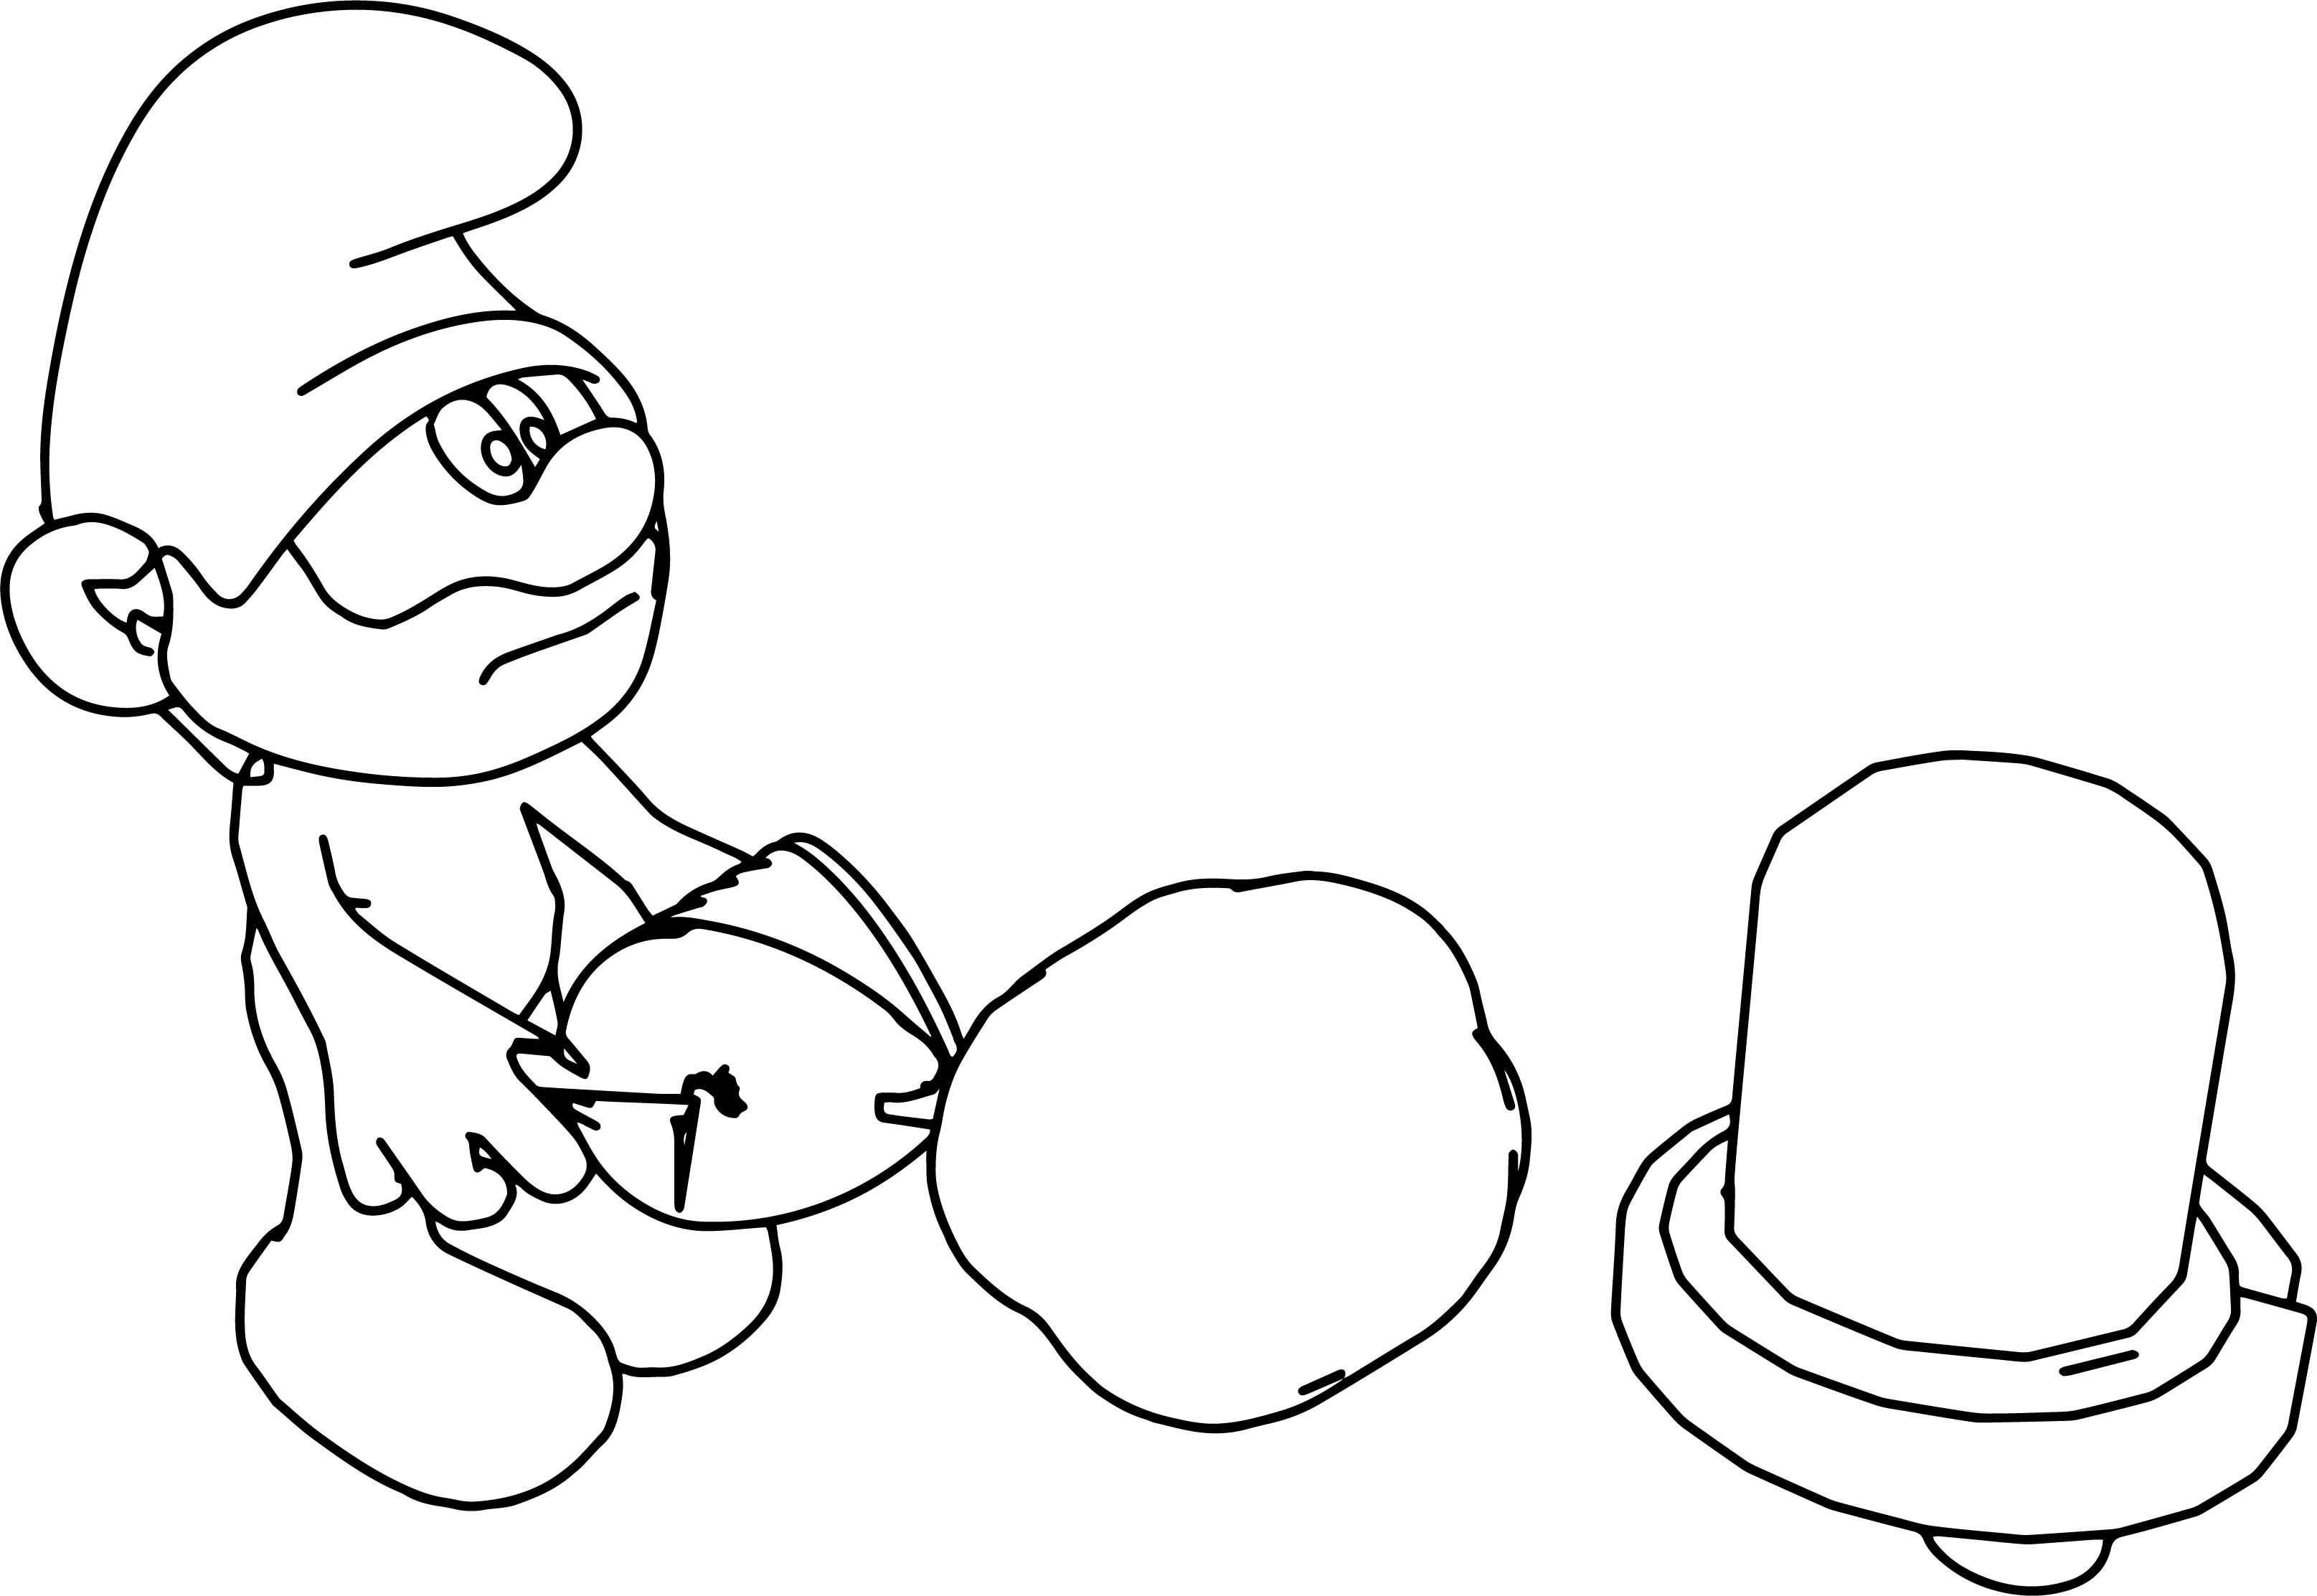 Papa Smurf Cartoon Coloring Page